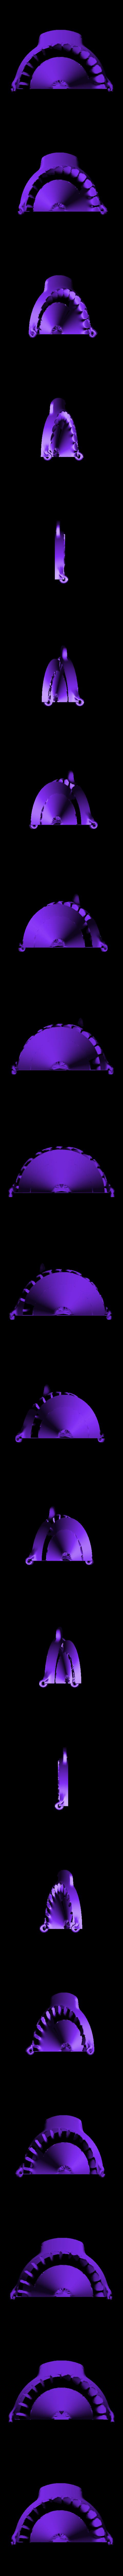 Part_1.stl Download free STL file Dumpling Press • Design to 3D print, meshtush